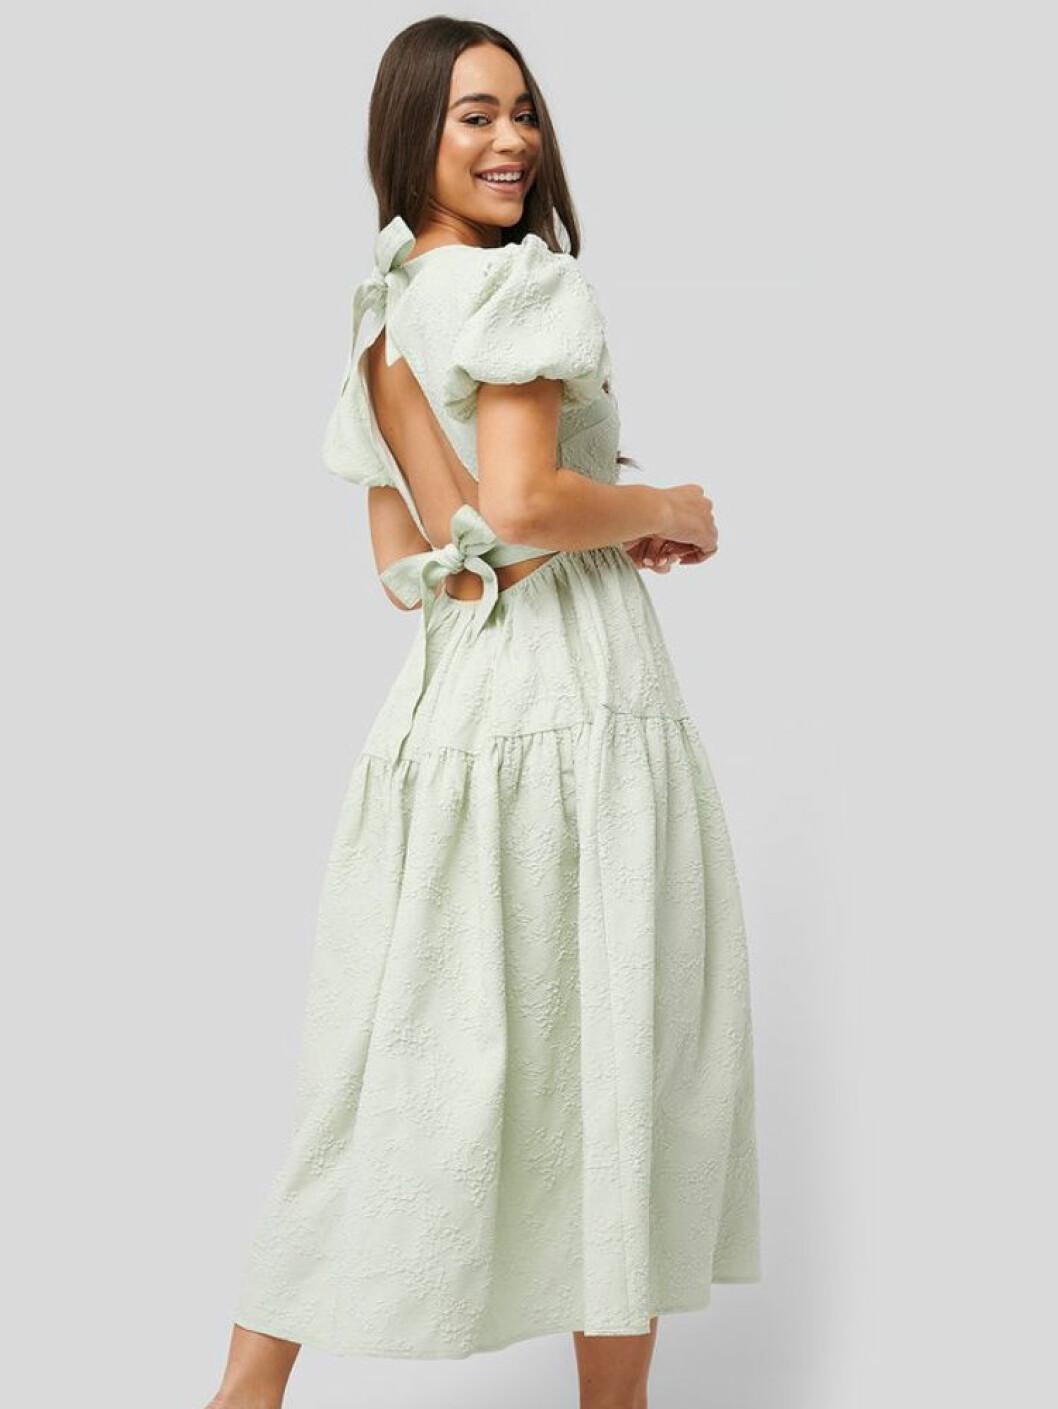 Grön klänning med öppen rygg